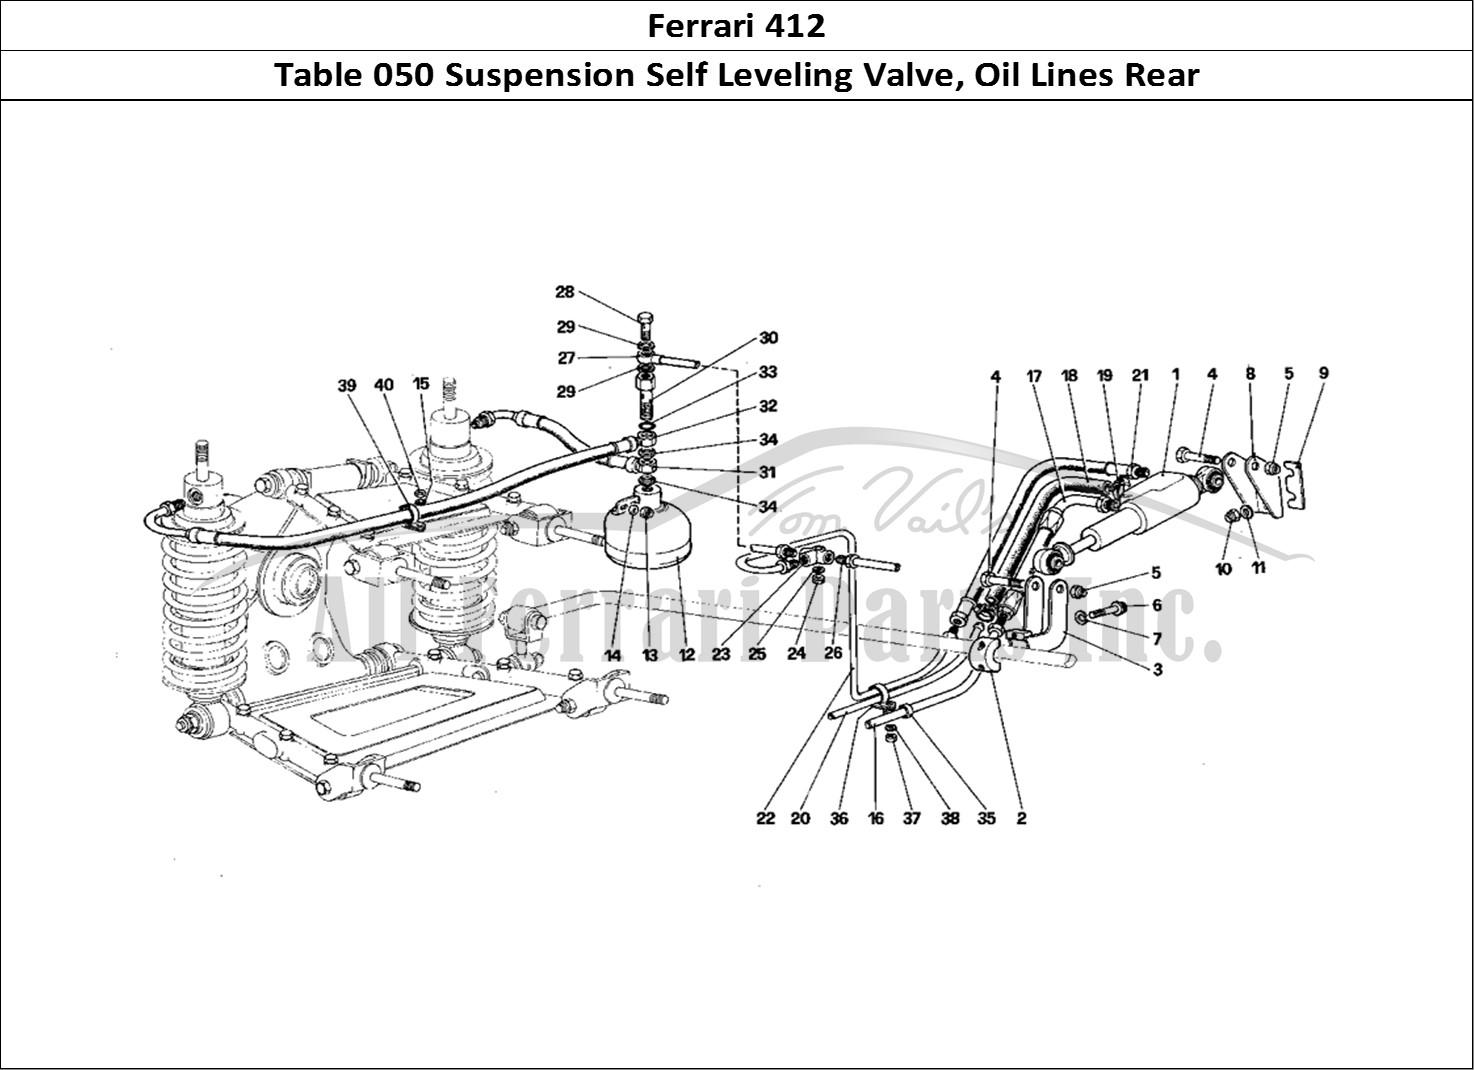 Buy Original Ferrari 412 050 Suspension Self Leveling Valve Oil Lines Rear Ferrari Parts